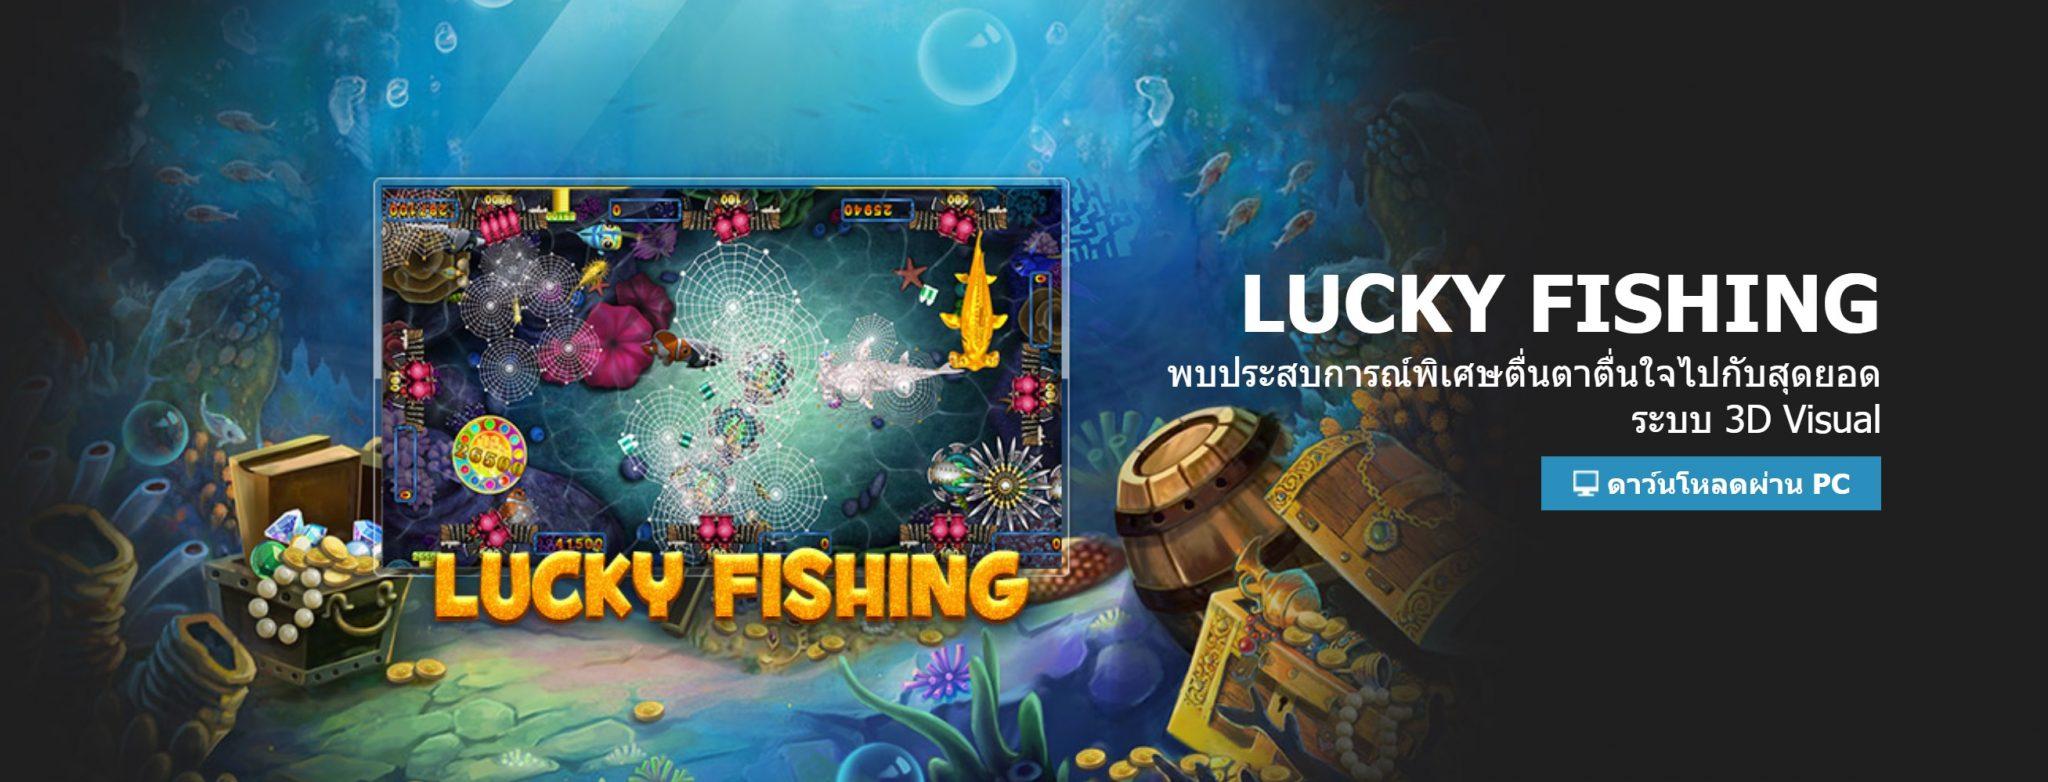 w88 เกมส์ตกปลา lucky fishing